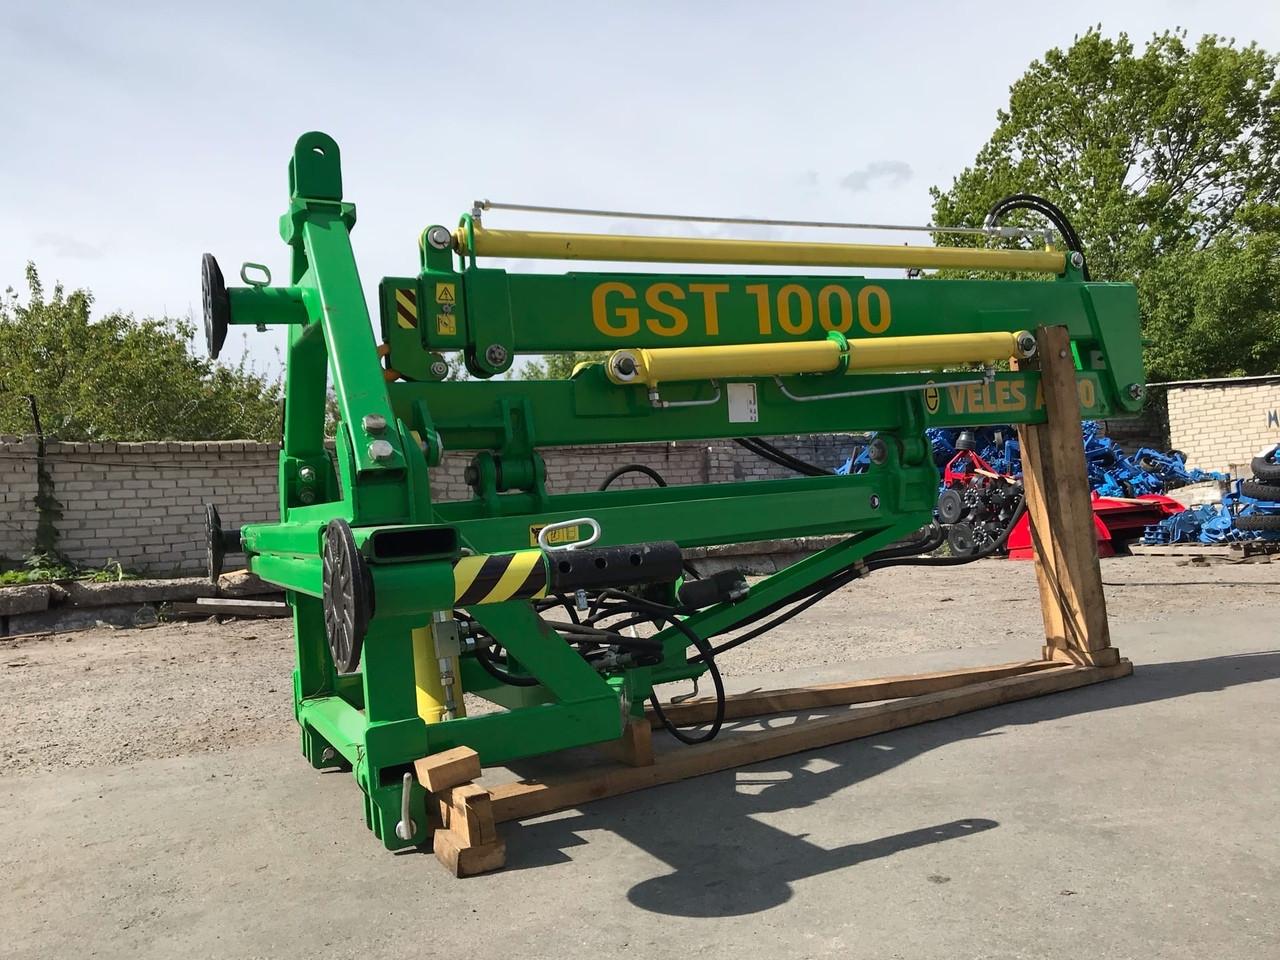 Гидрострела ГСТ 1000 (стрела гидравлическая) Veles-Agro